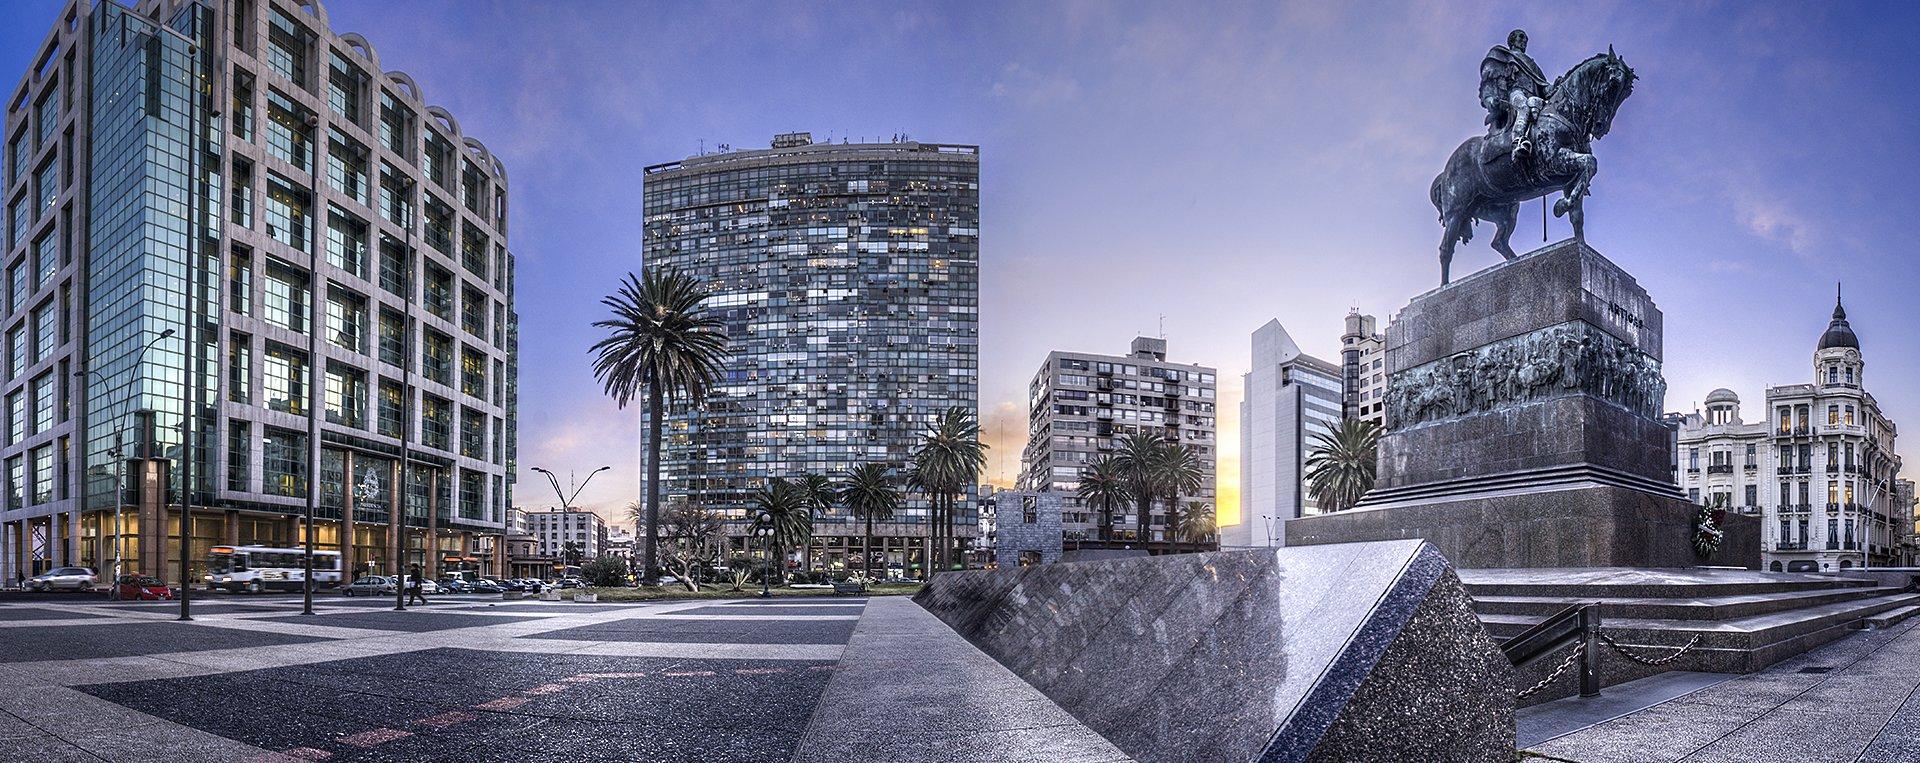 Montevideo una de las ciudades con mejor calidad de vida - Ciudades con mejor calidad de vida en espana ...